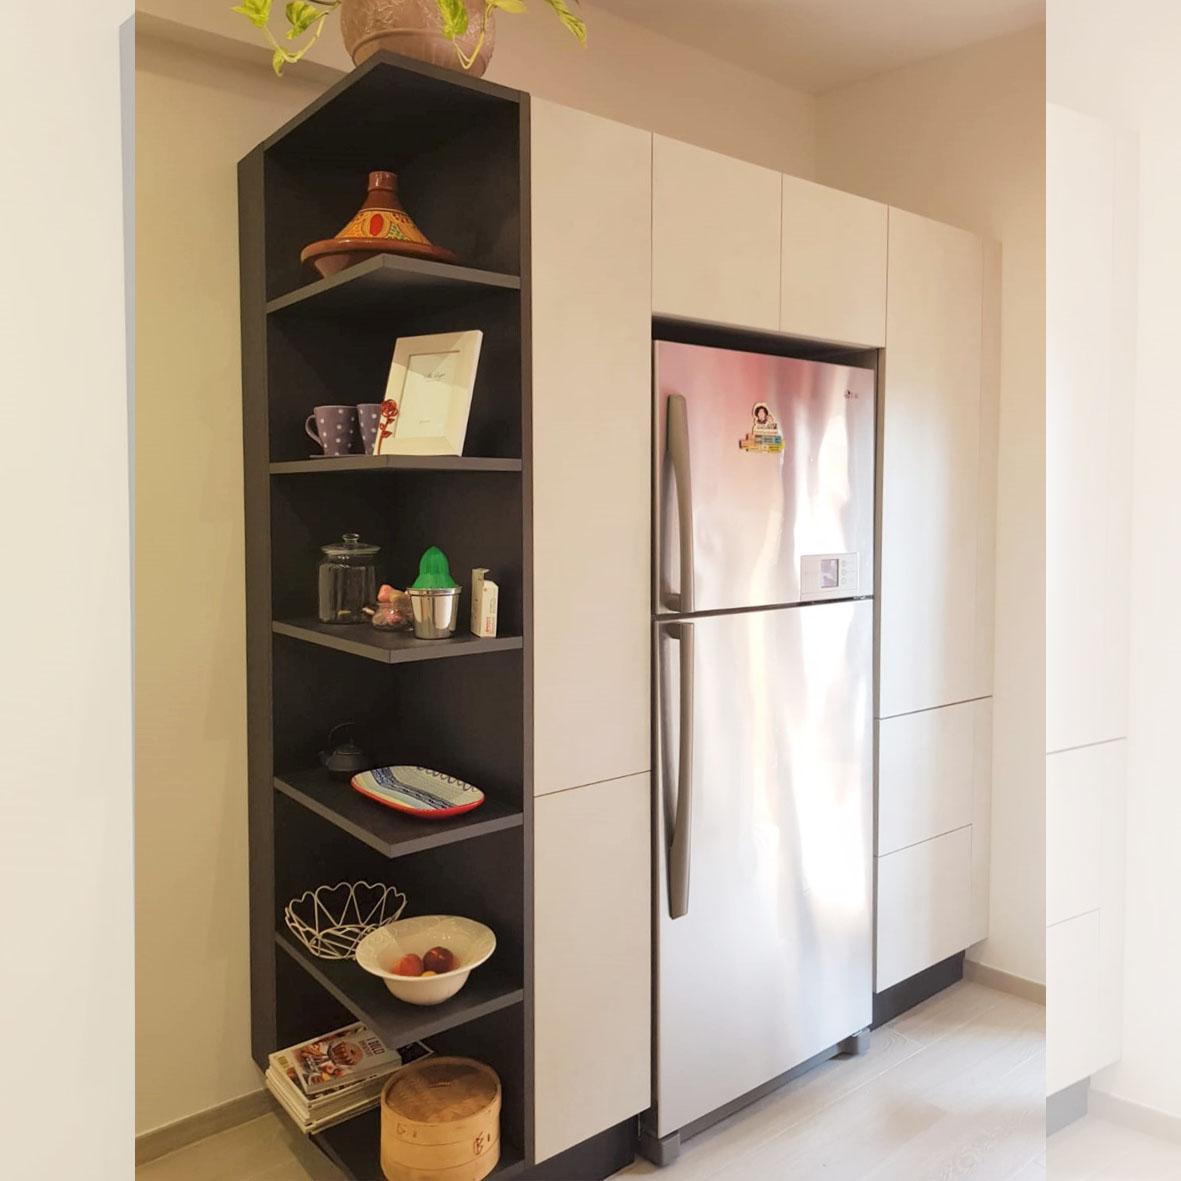 realizzazioni-centro dell'arredamento-savona-cucina-berloni-b 50-wall-design